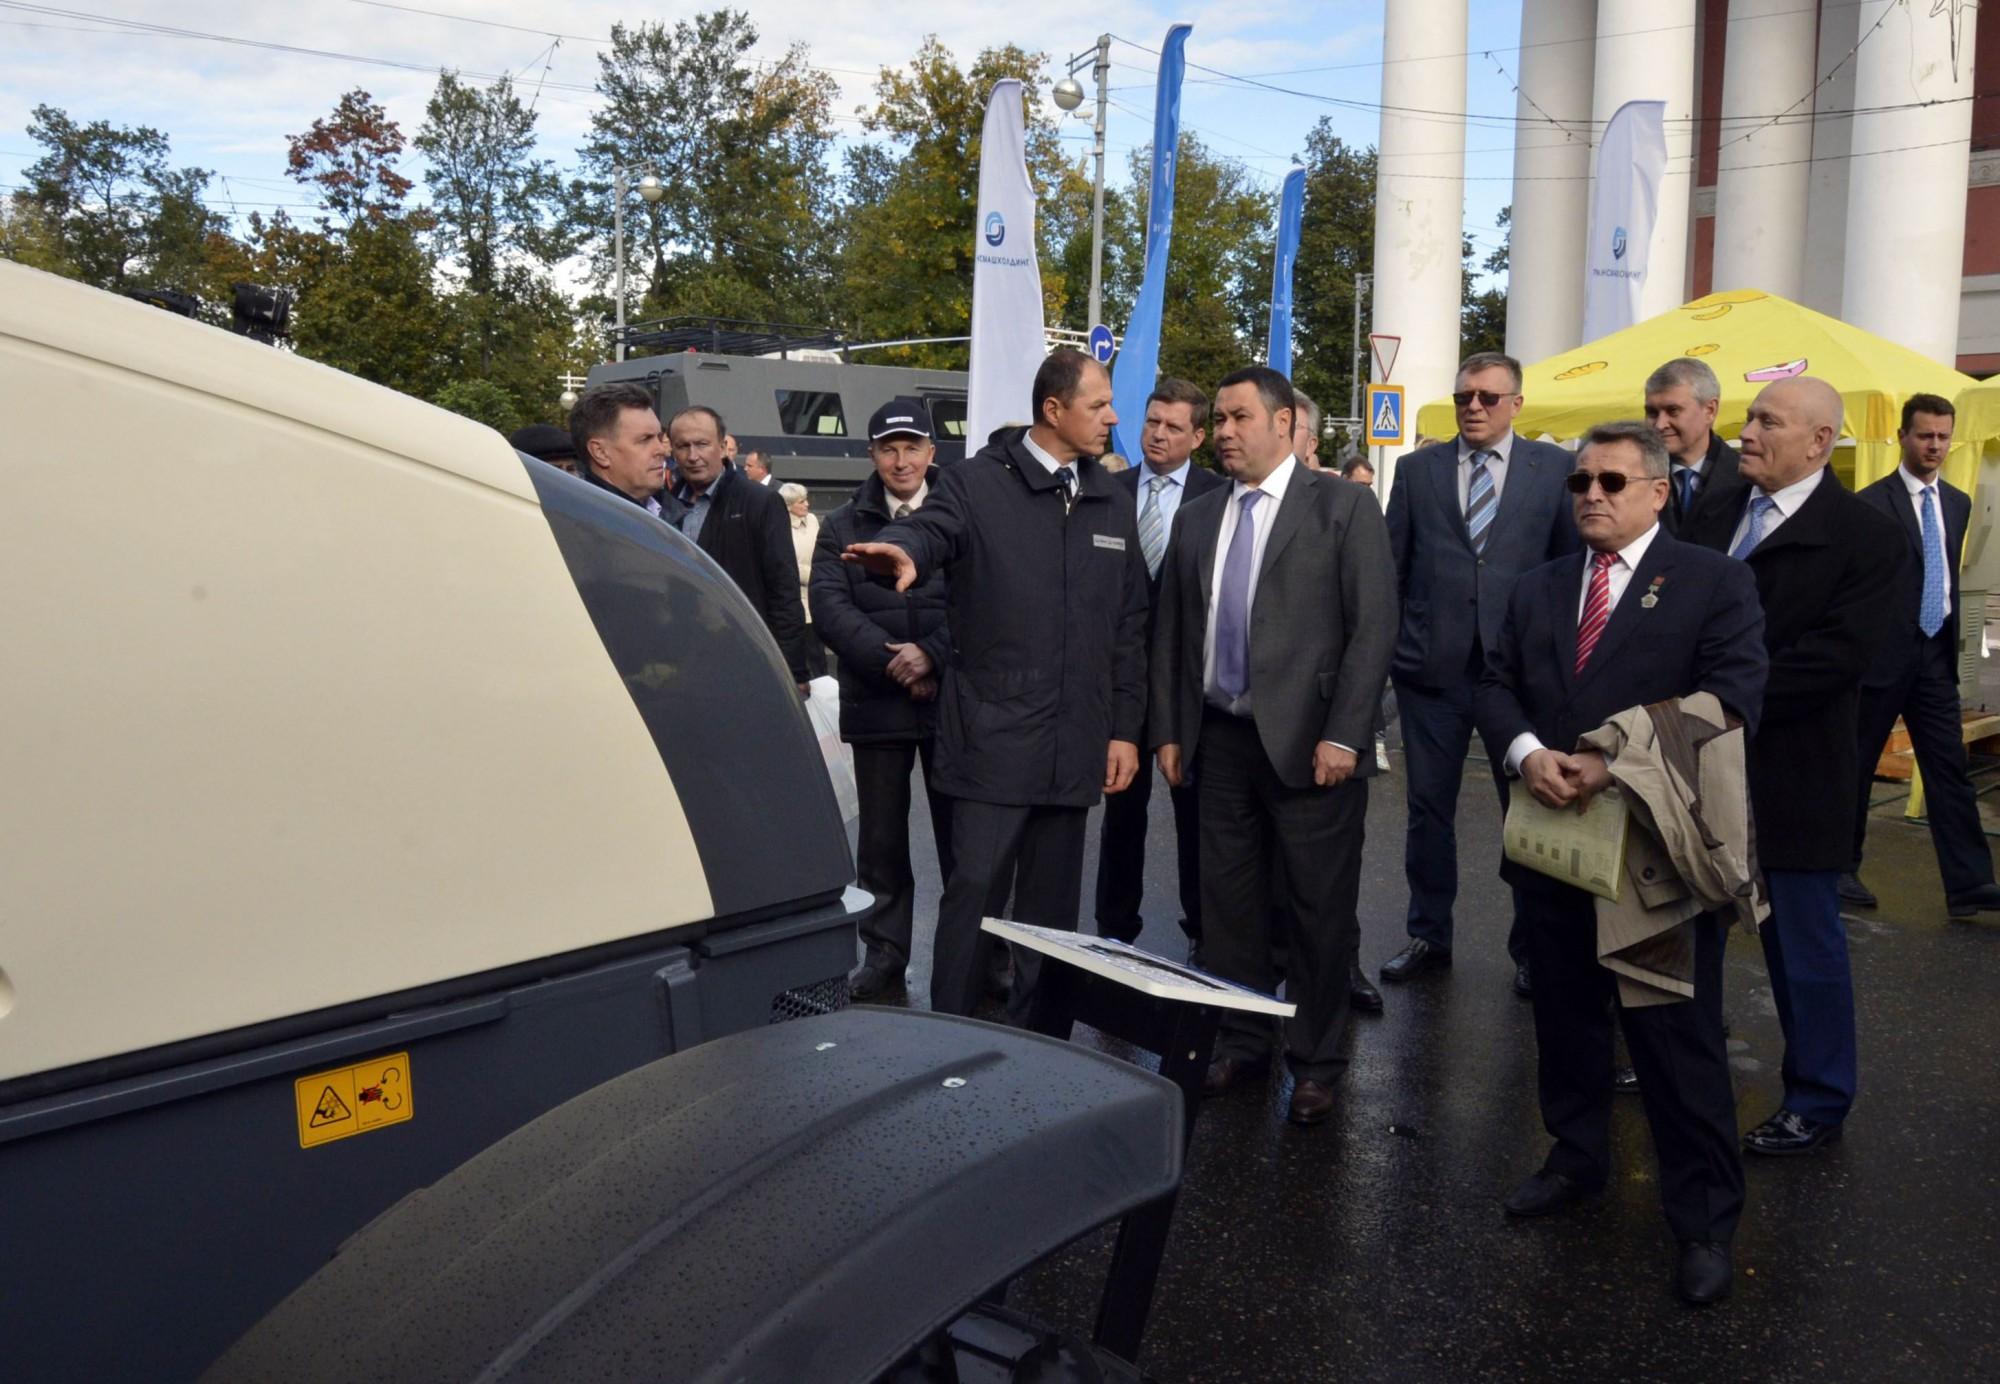 П.Порошенко: машиностроение одна из главных областей, которая обеспечивает обороноспособность государства Украины